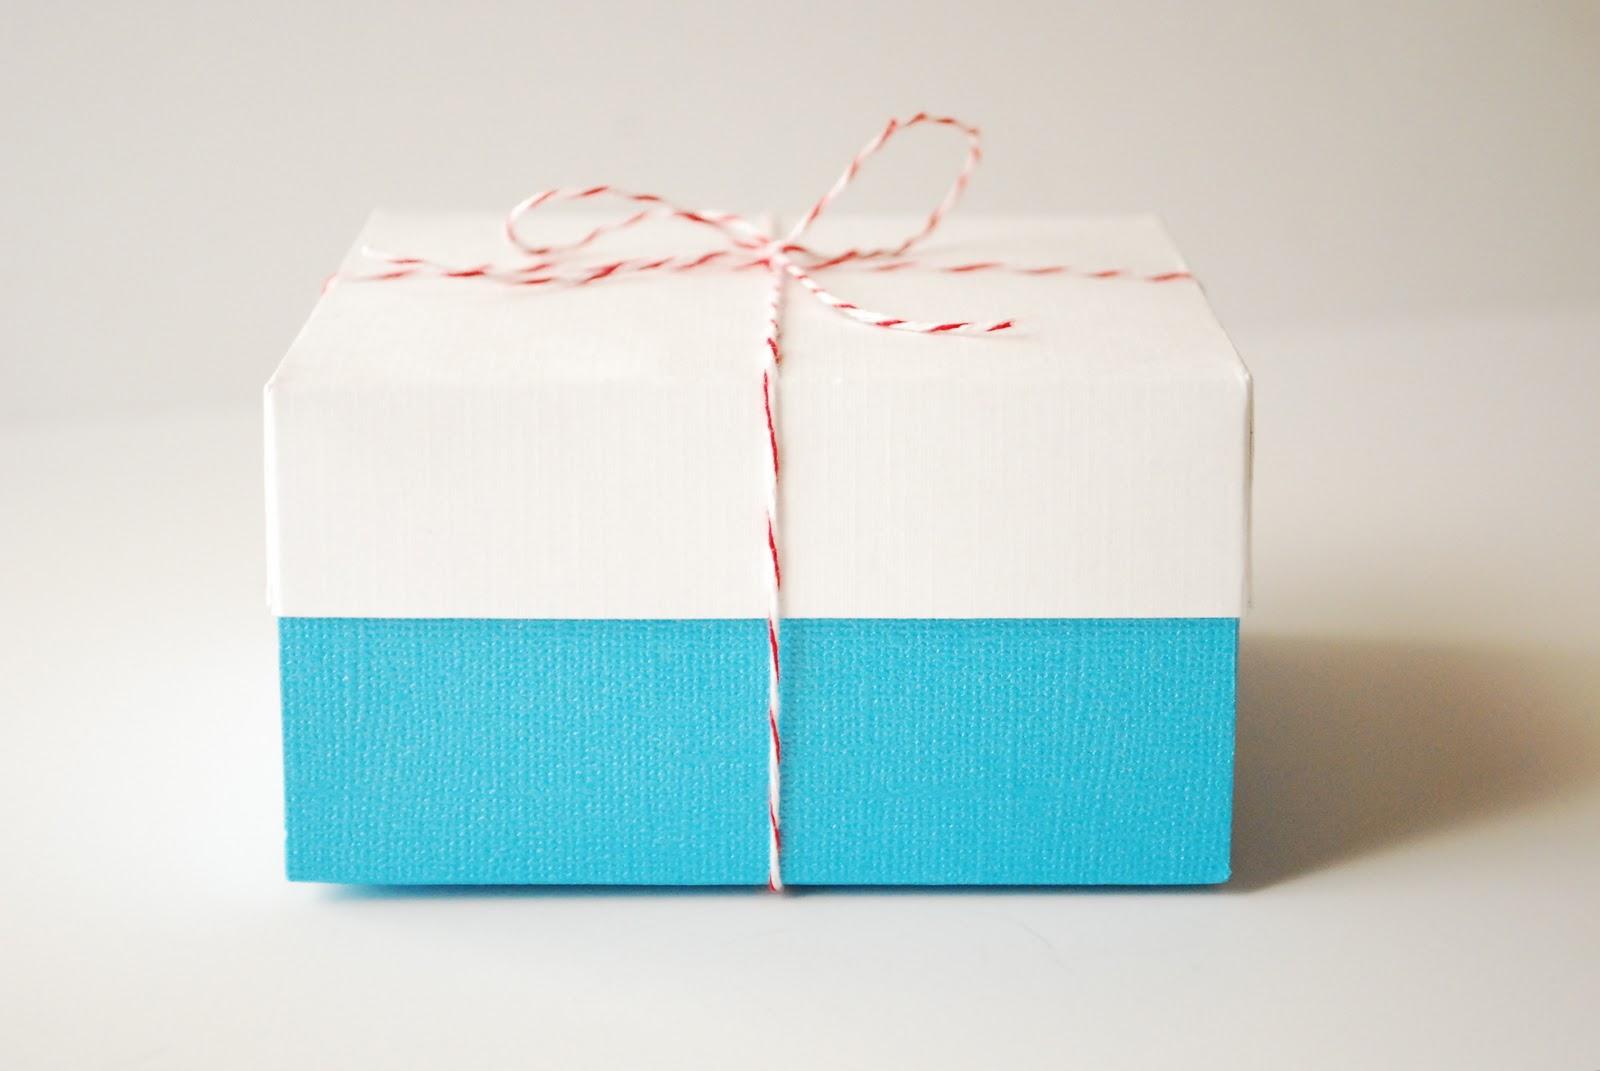 วิธีห่อของขวัญ ง่าย ทำเอง,ห่อของขวัญเอง,กระดาษใช้แล้ว ห่อของ,ไอเดียห่อของขวัญ,ไอเดียของขวัญ,ห่อของขวัญ ง่าย สวย